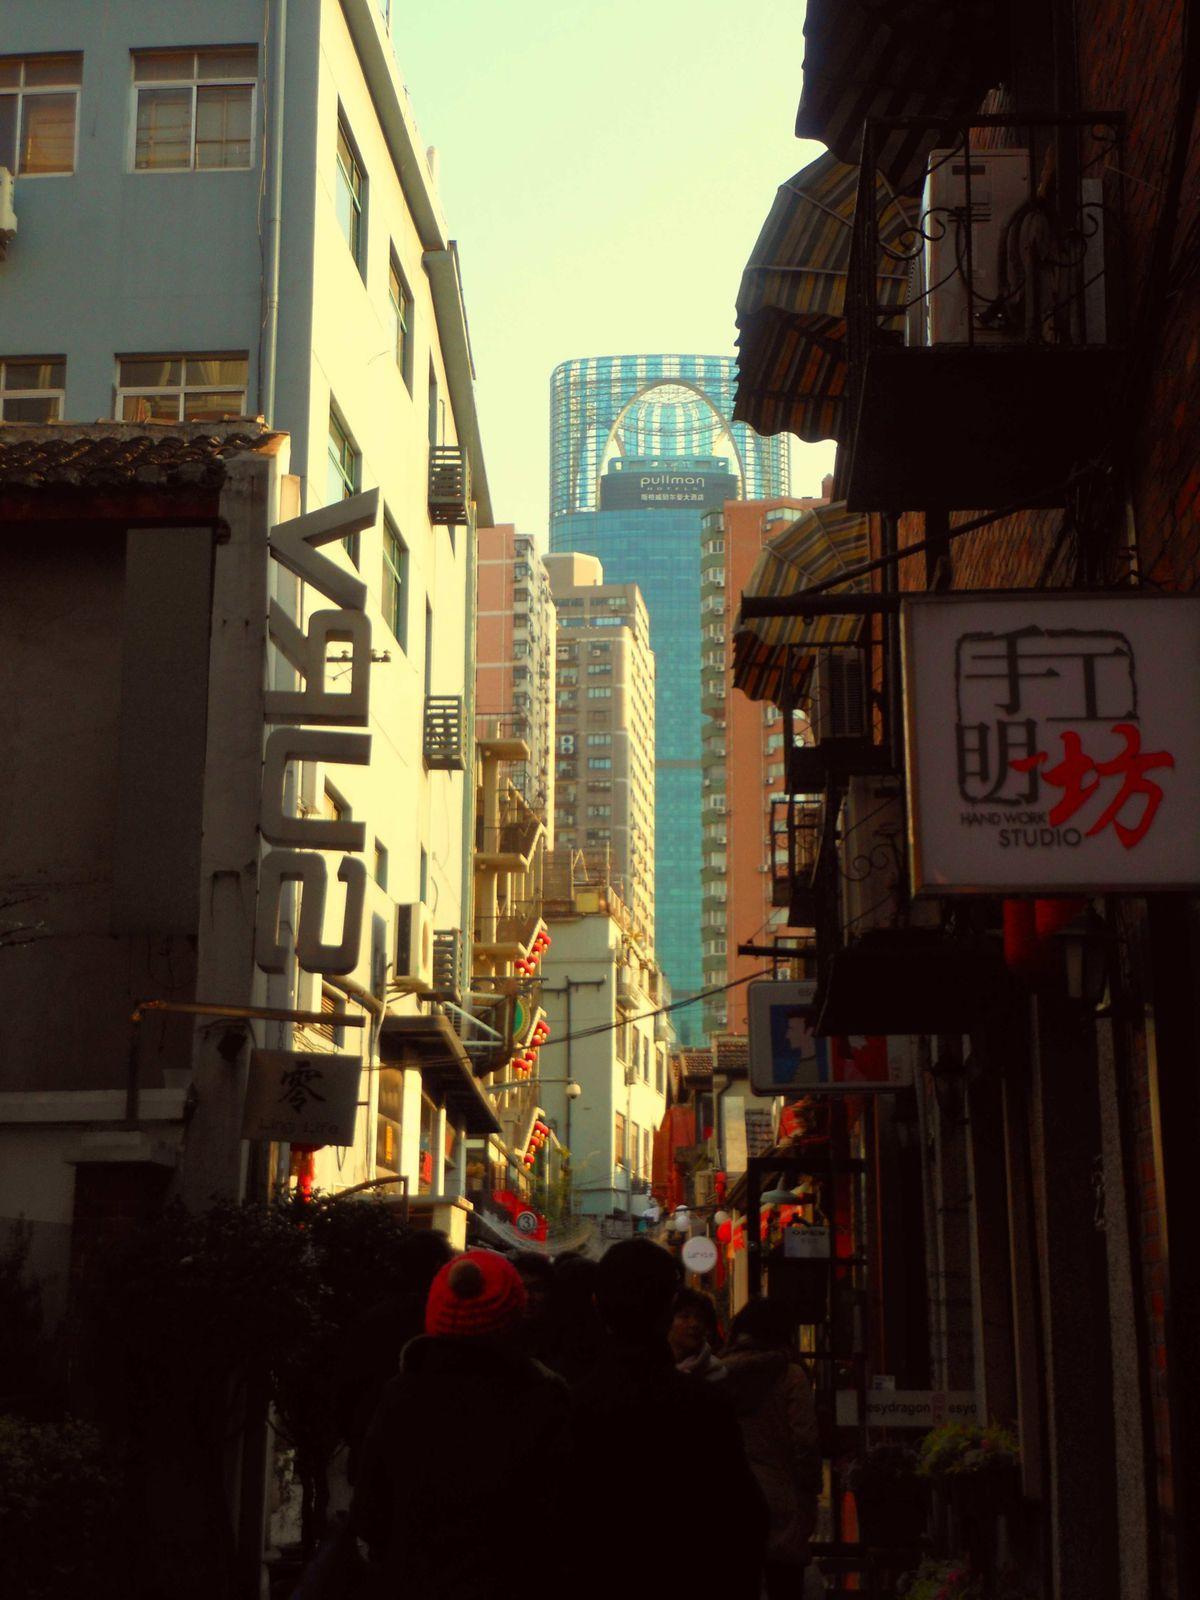 Tianzifang (Taikang road)